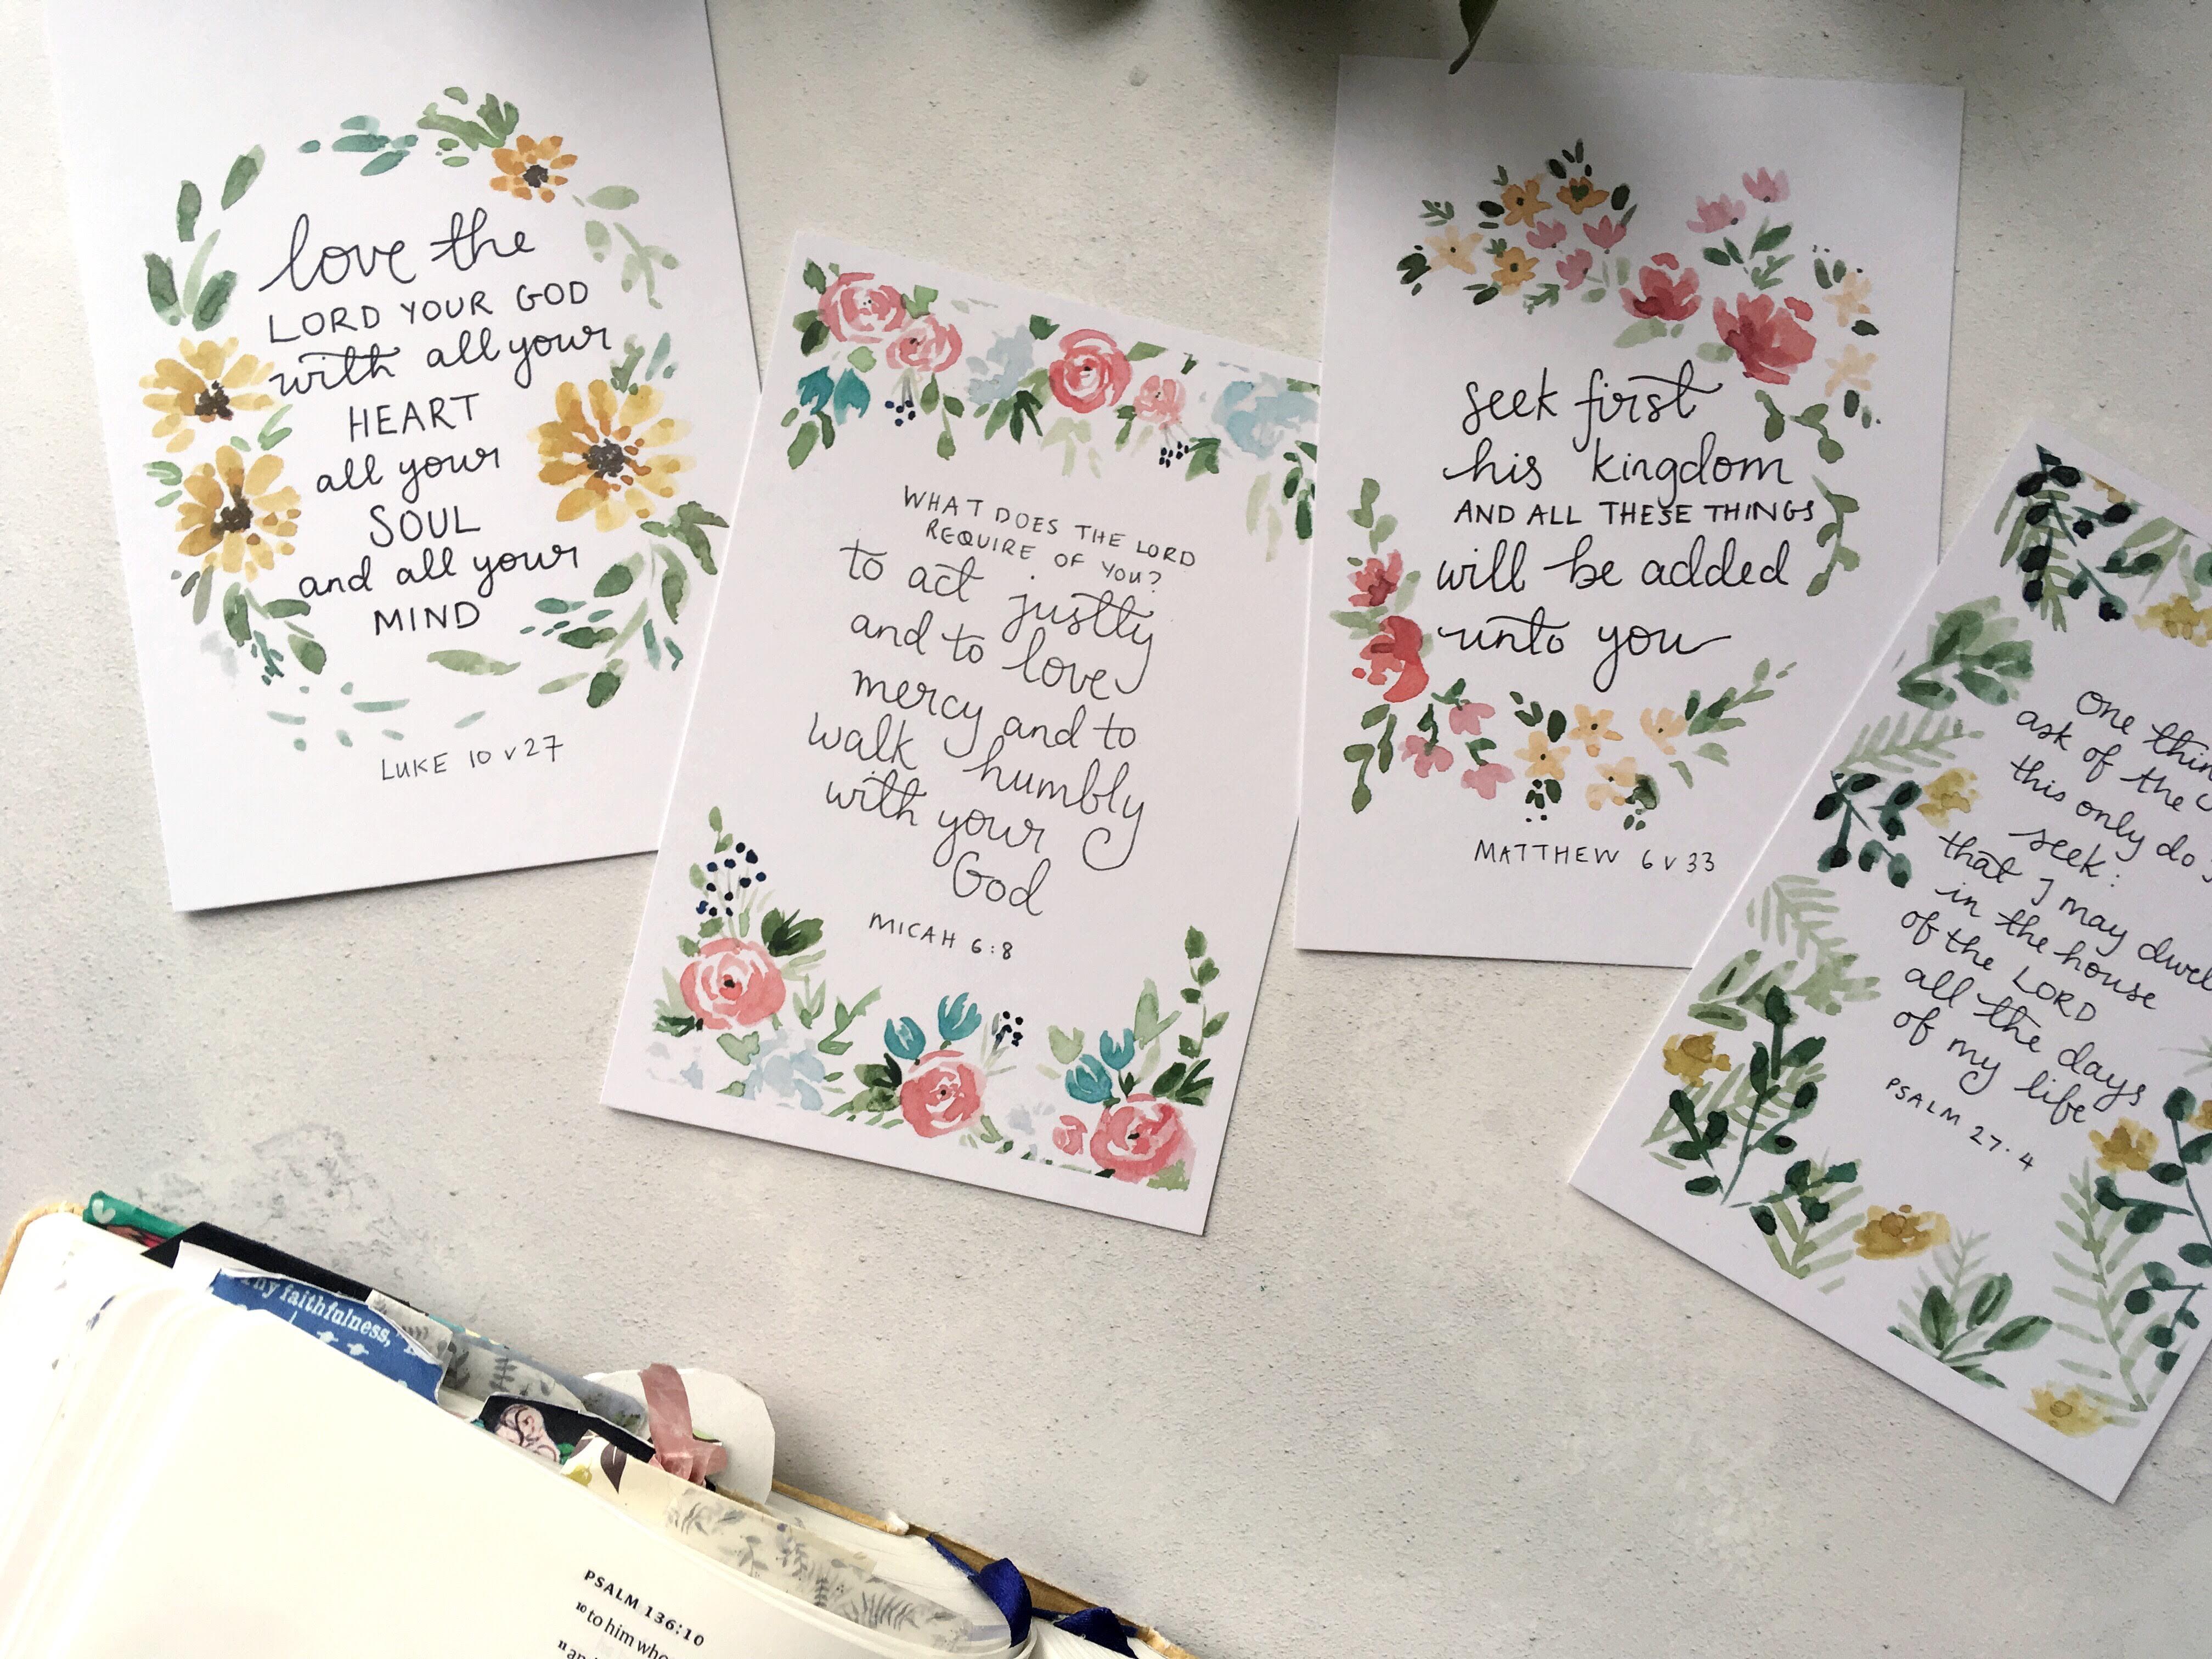 Bible verse scripture cards seek first